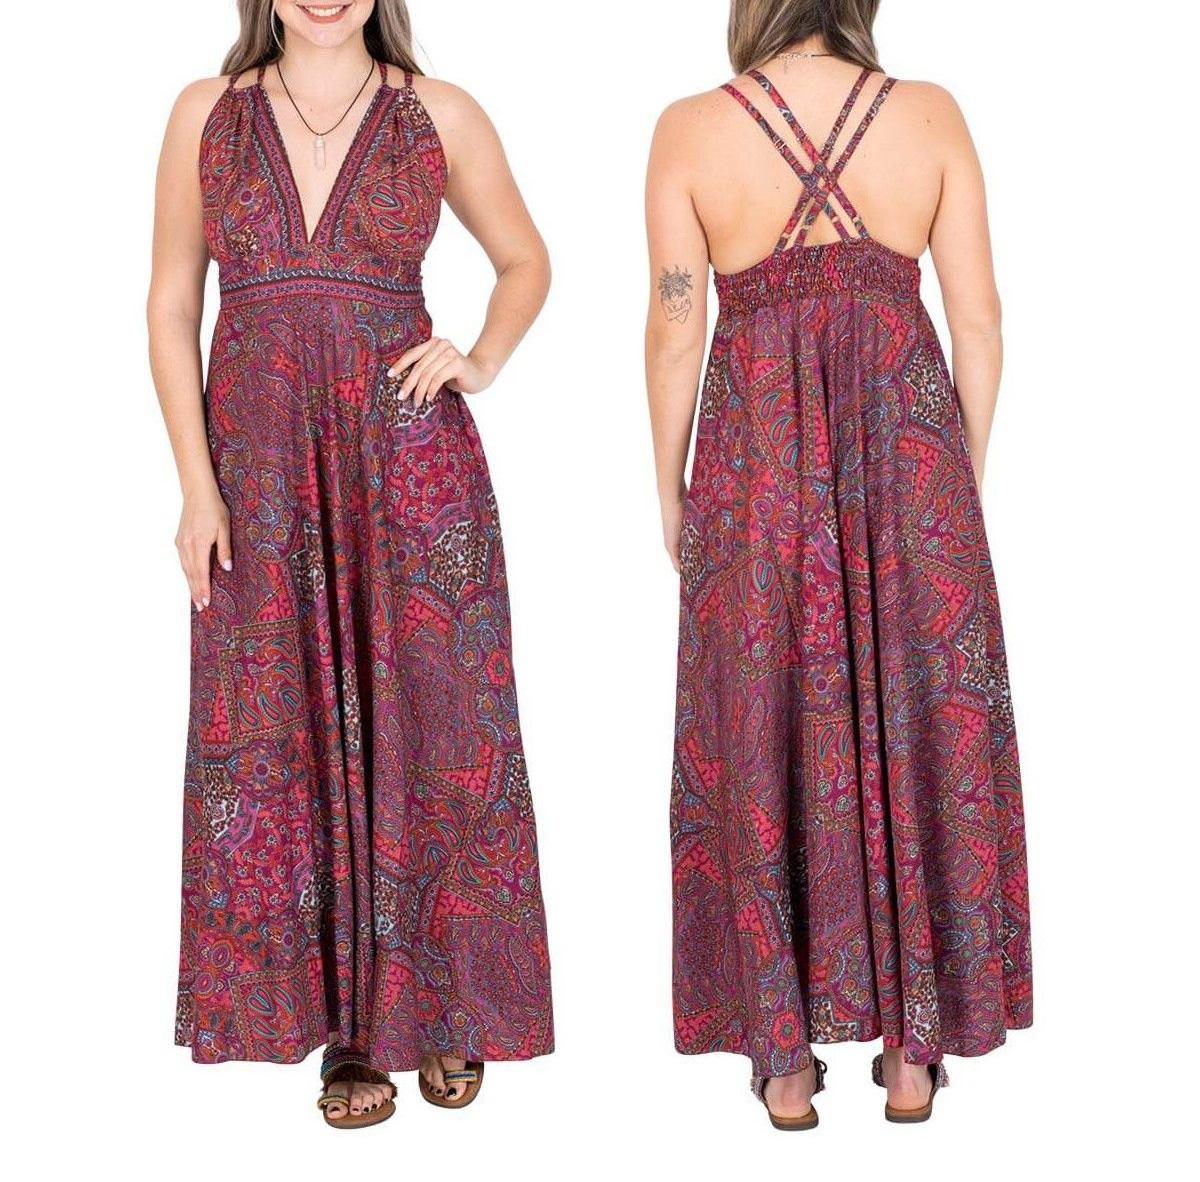 Robe longue en soie Paisley | Robes d'été en ligne